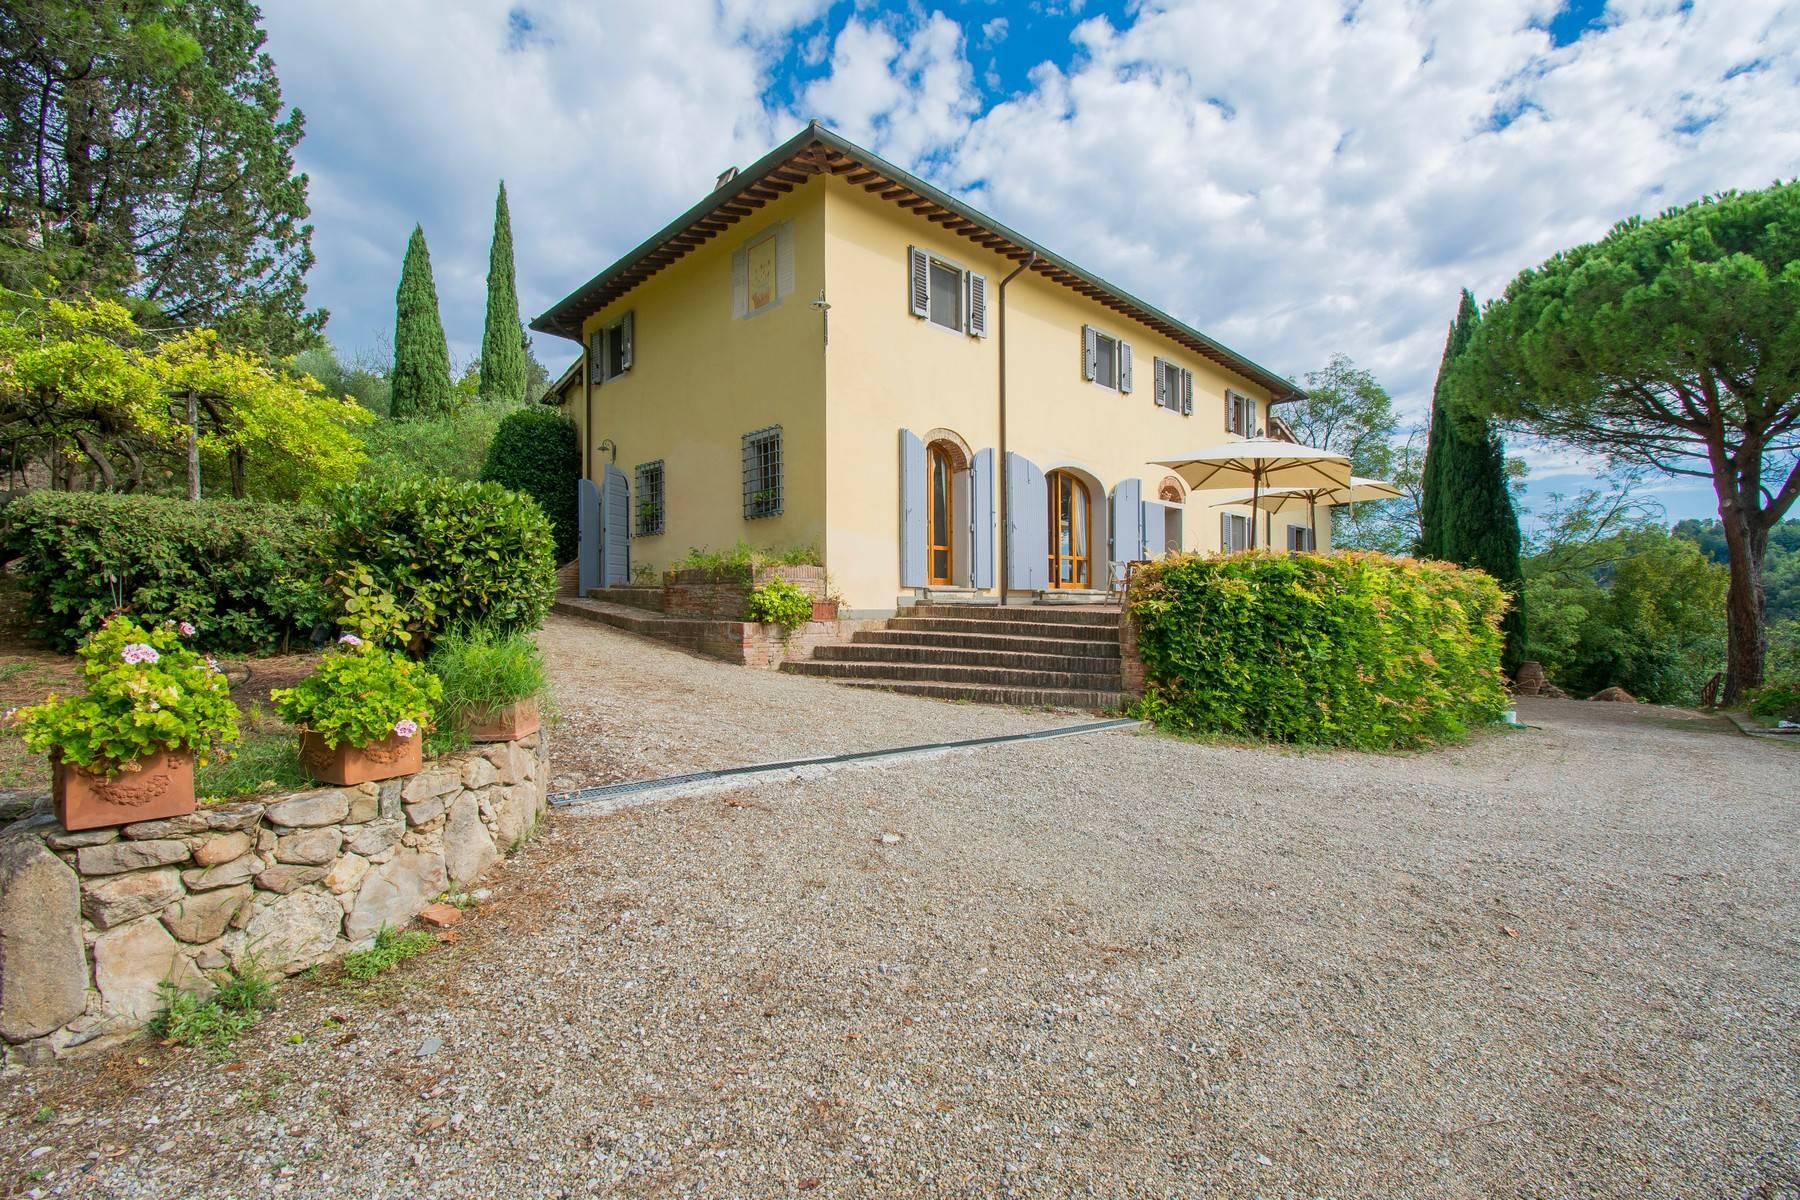 Villa in Vendita a Montopoli In Val D'Arno: 5 locali, 400 mq - Foto 3